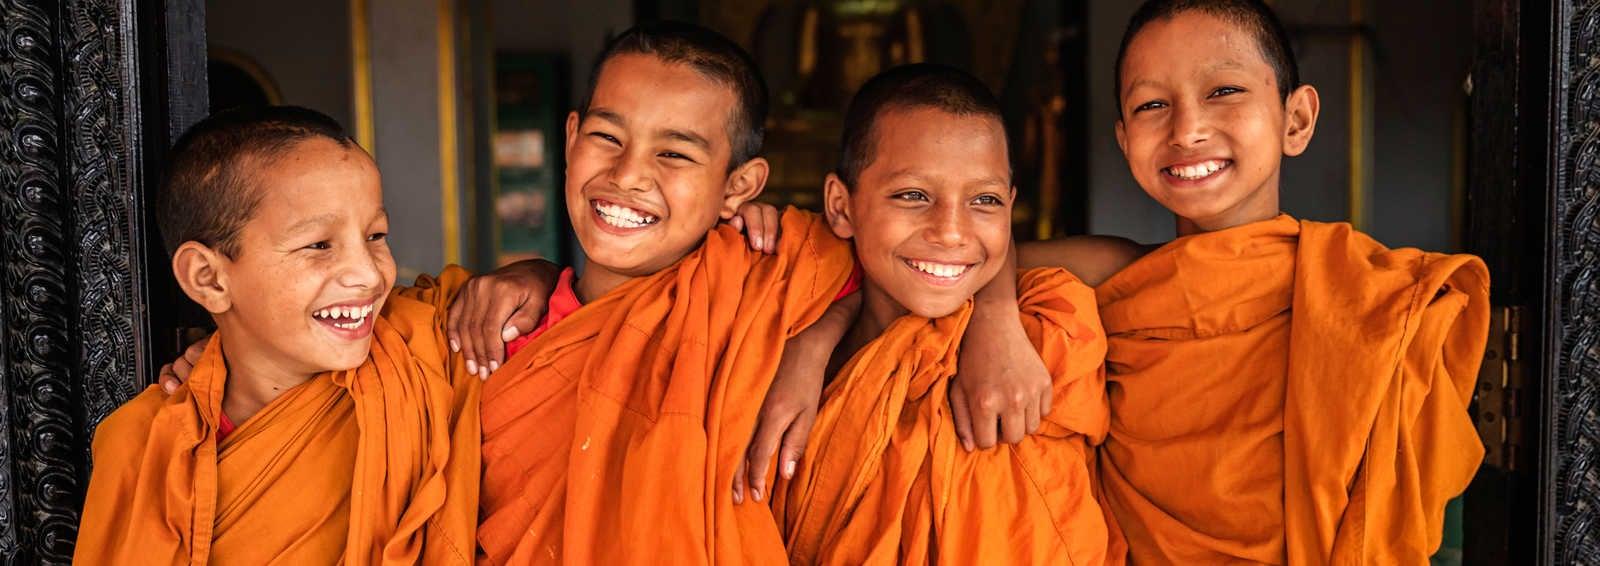 Boy Monks in Bhaktapur, Nepal